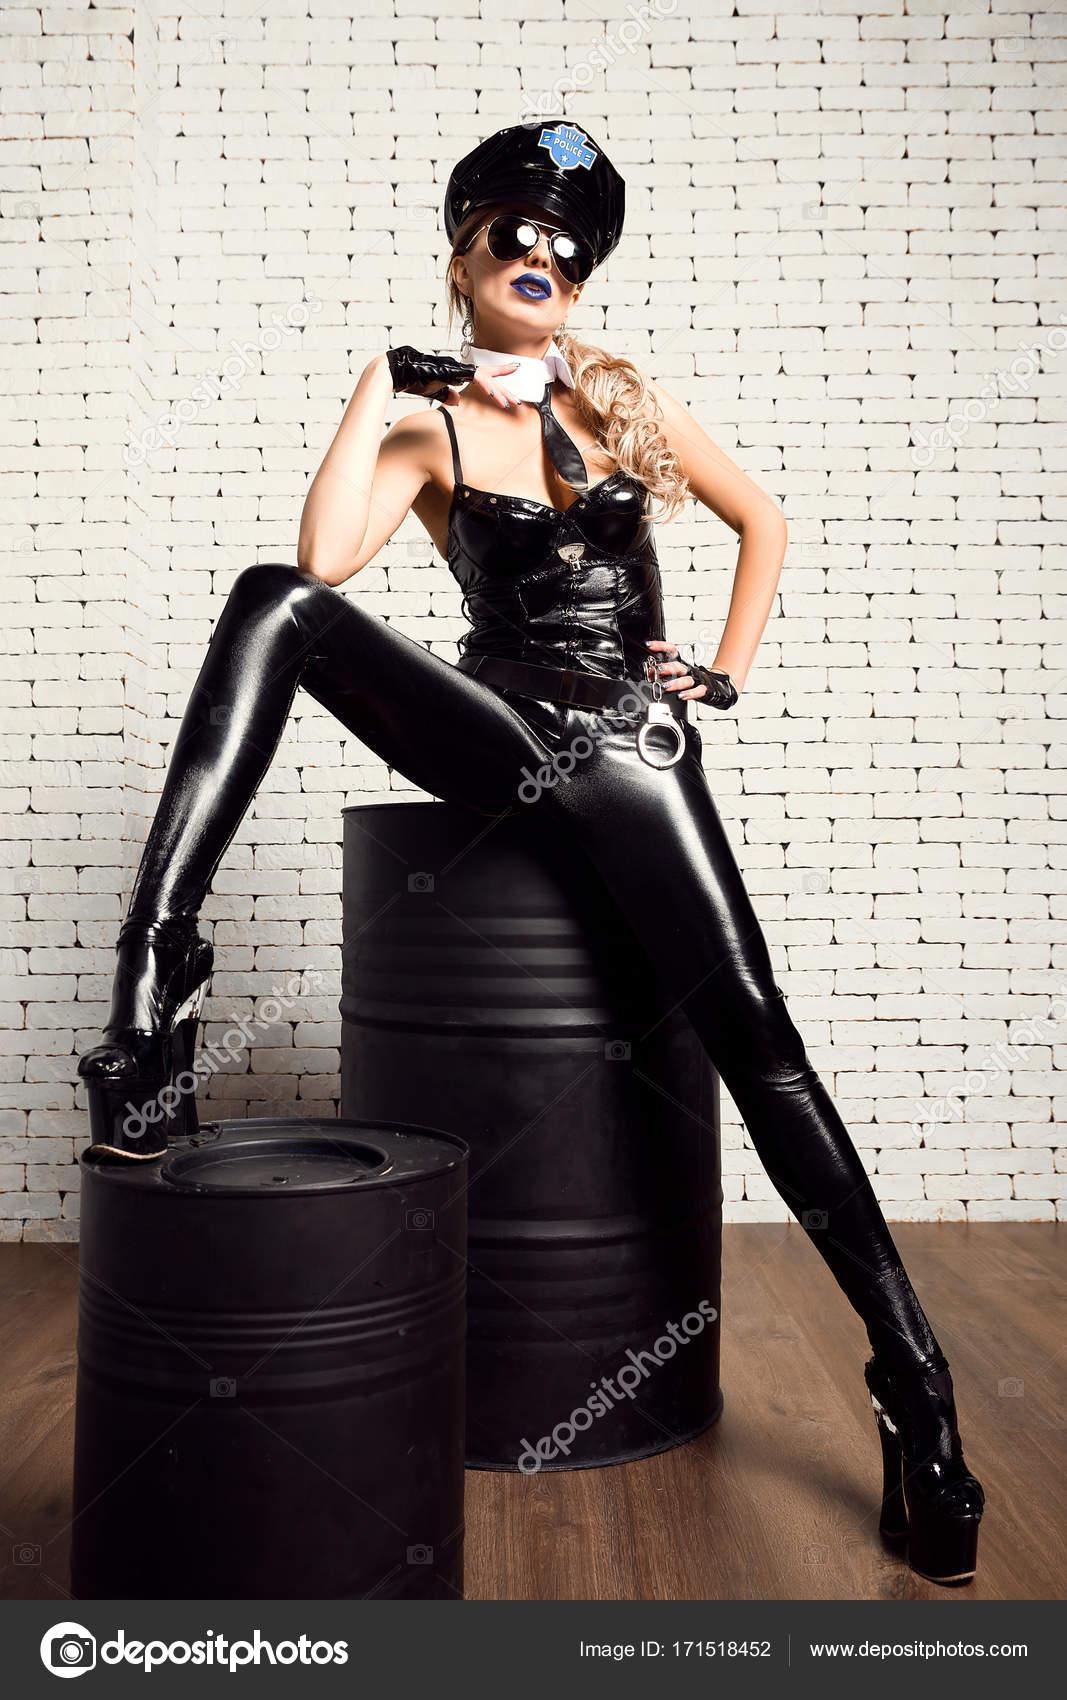 d4f7144d2162 Modelo confiante em roupa de couro sexual — Fotografias de Stock ...